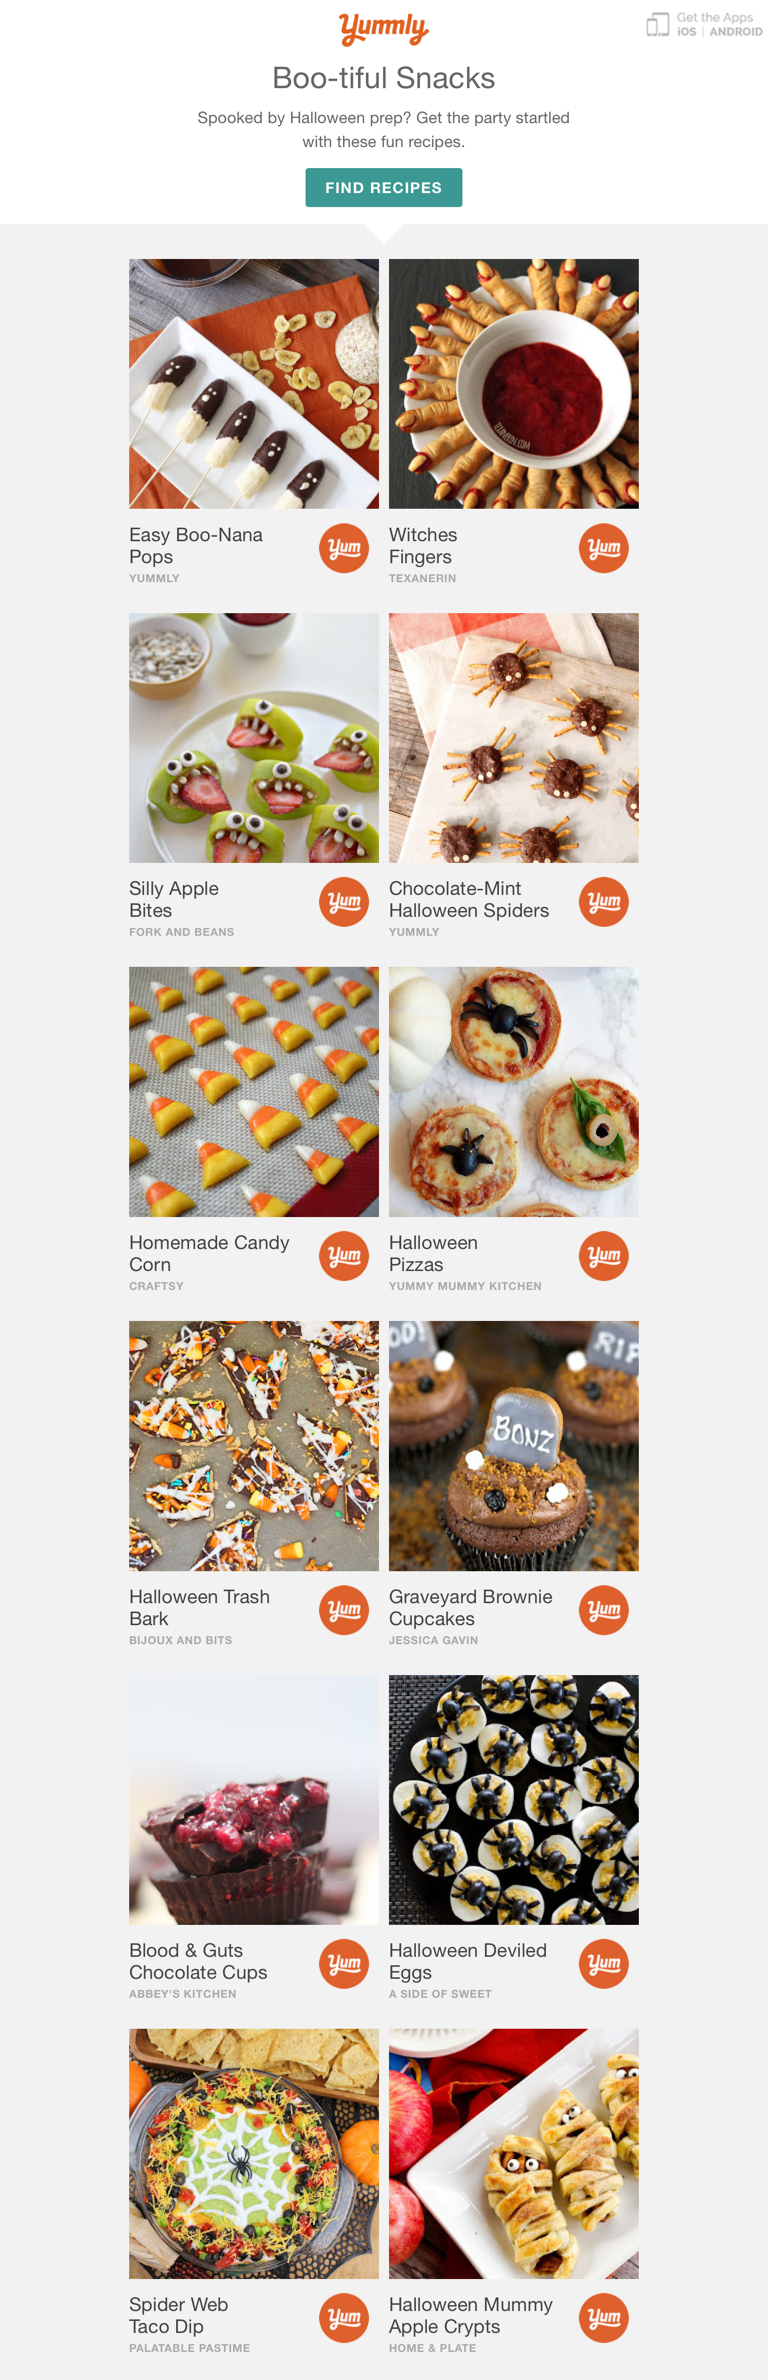 Yummly - Easy Spooky Snacks